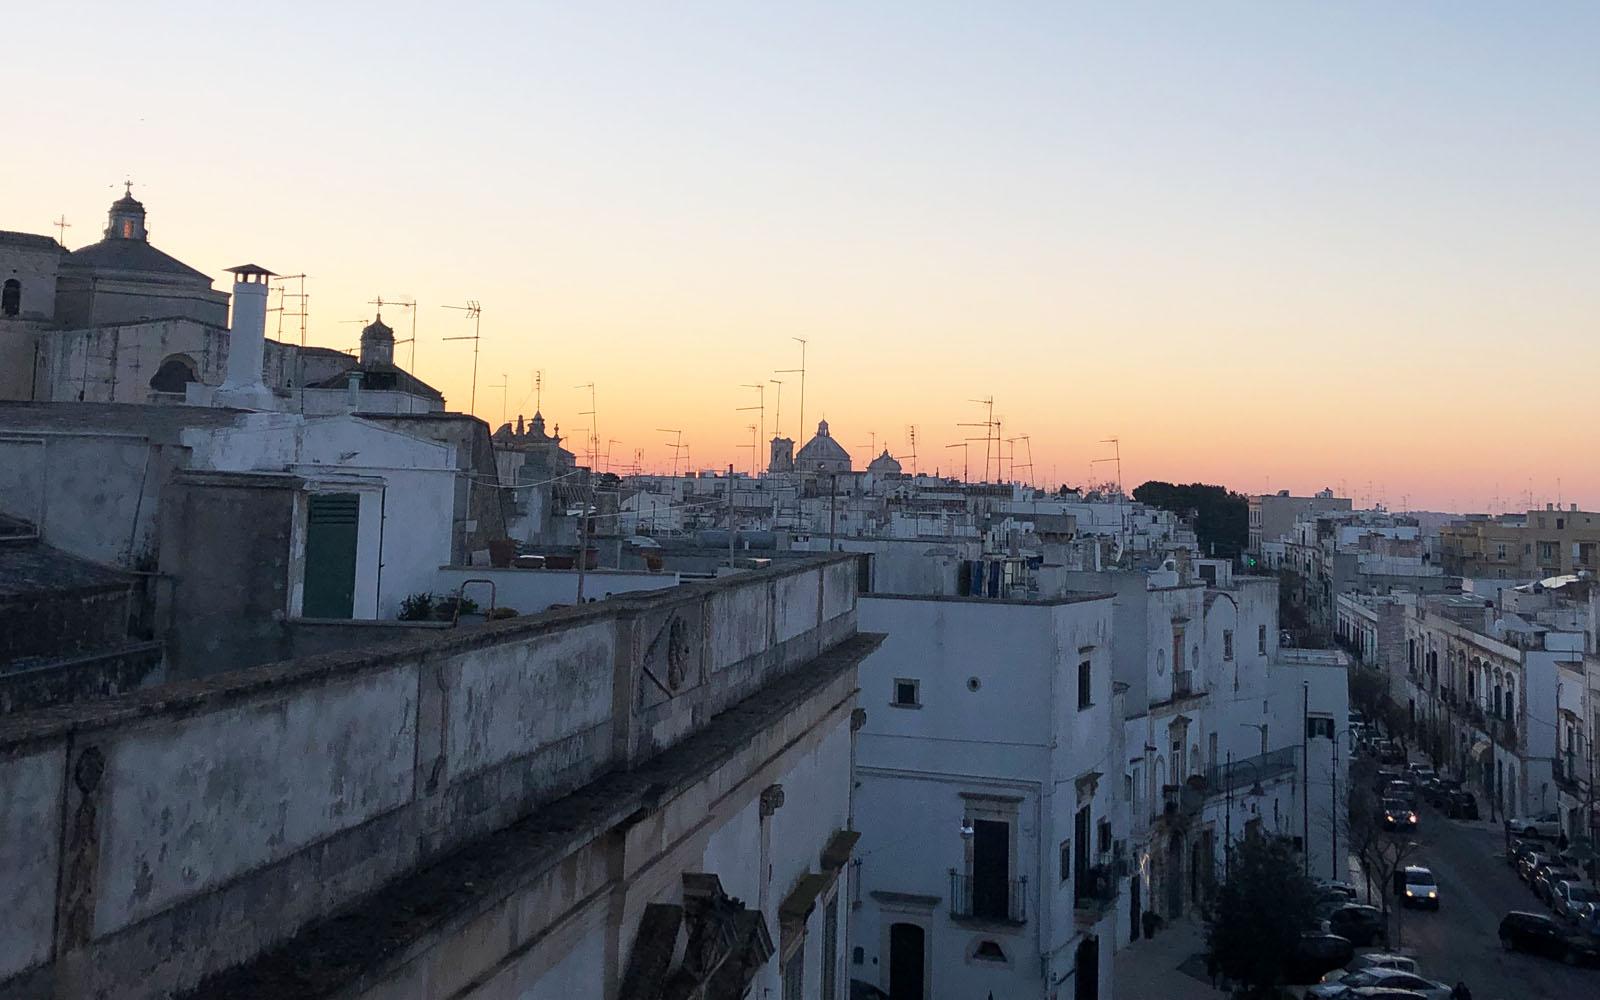 Veduta sui tetti di Martina Franca al tramonto, da Palazzo Ducale.